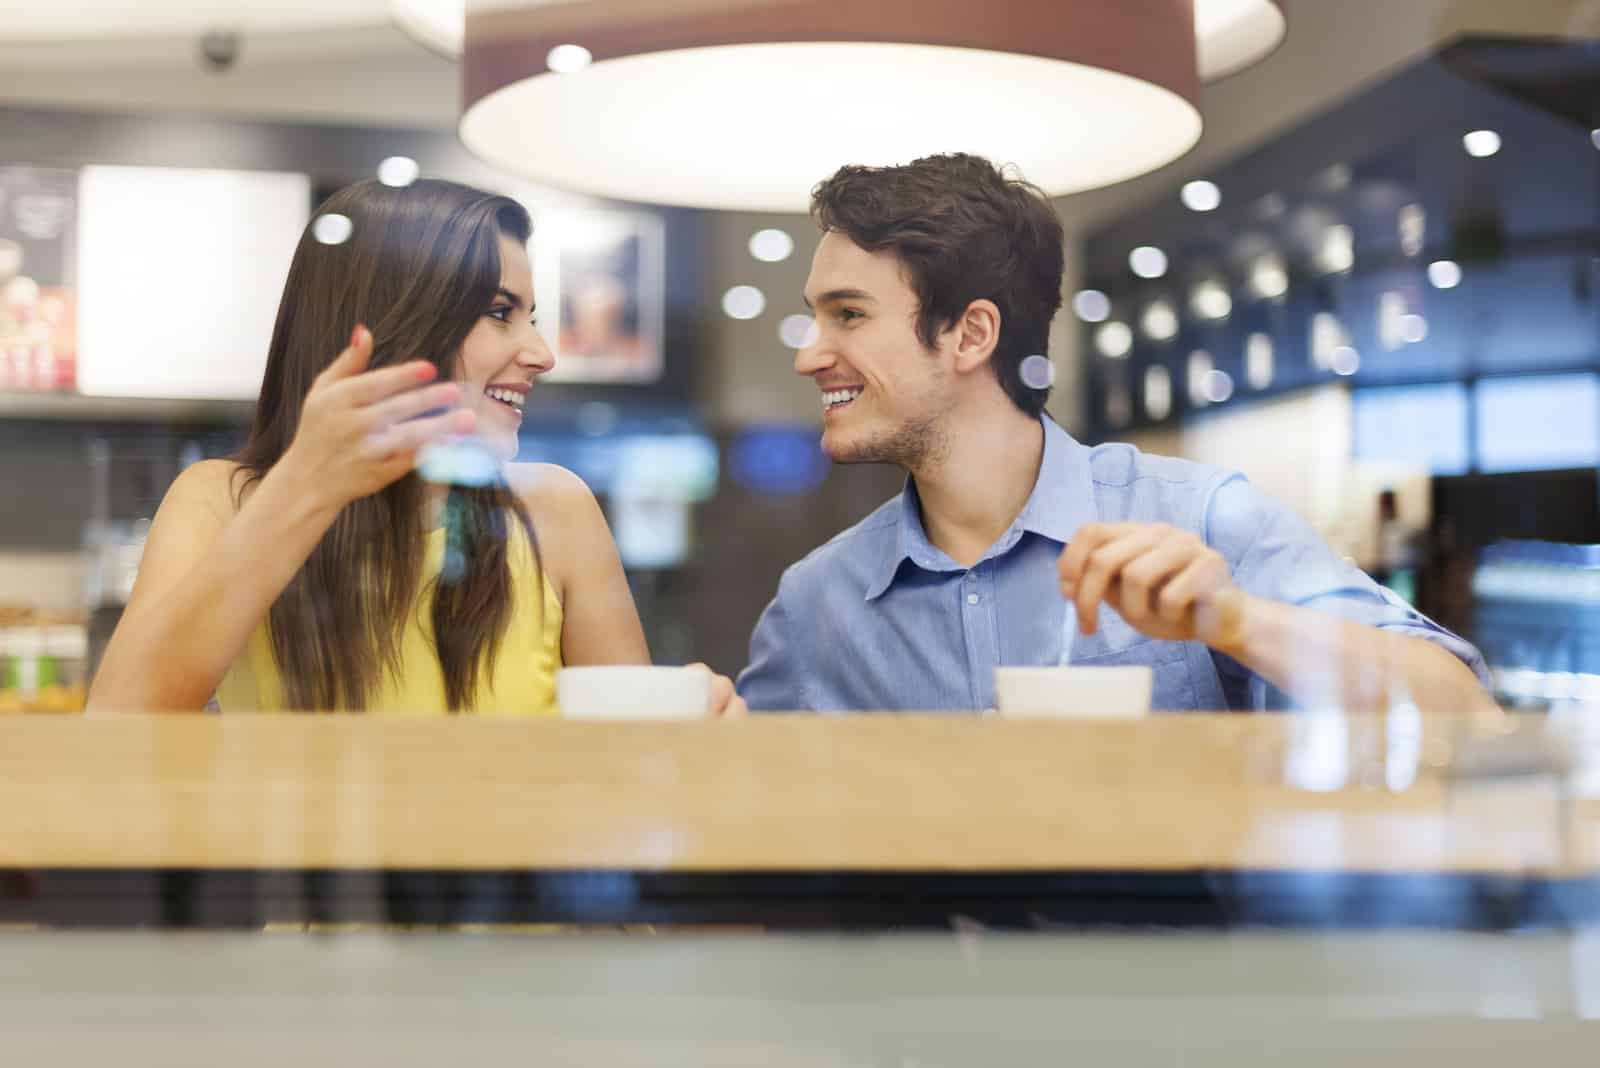 femme parlant à un homme assis dans un café